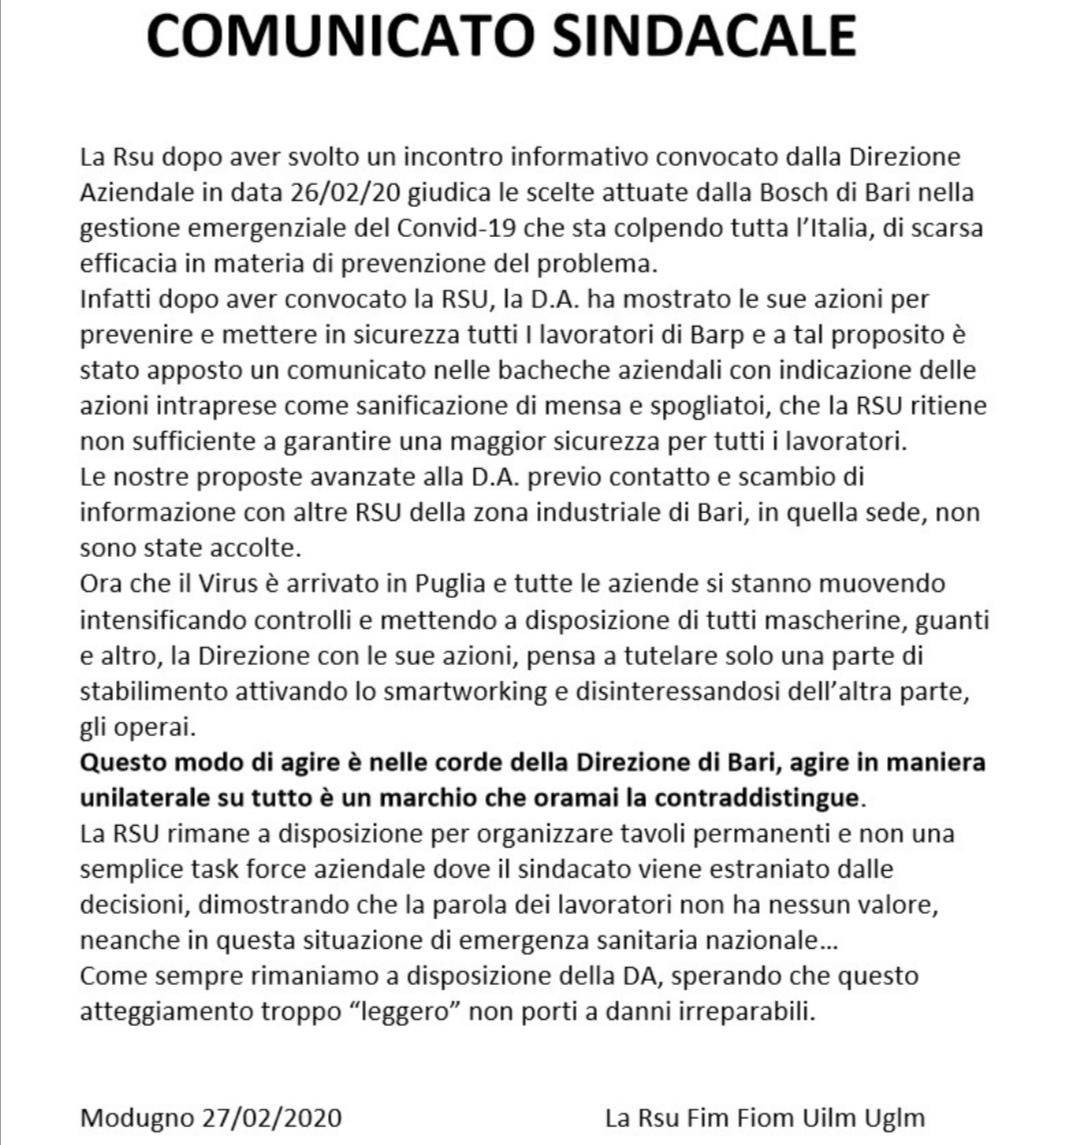 """Aziende Modugno Zona Industriale coronavirus, """"dateci guanti e mascherine"""": sindacati contro"""